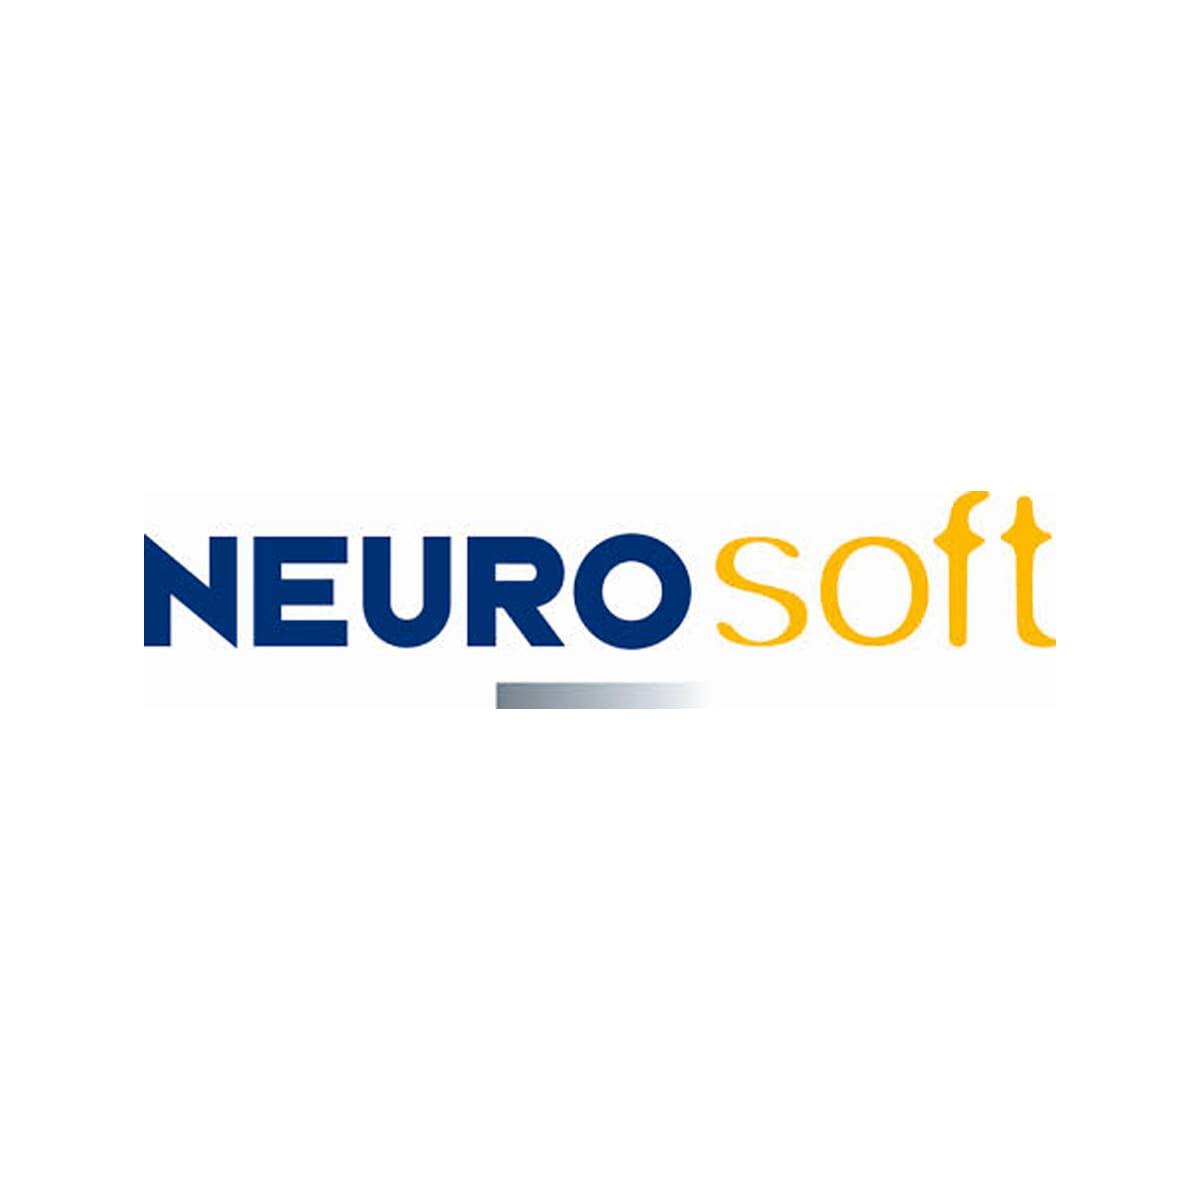 Neurosoft, i conti del primo semestre 2020